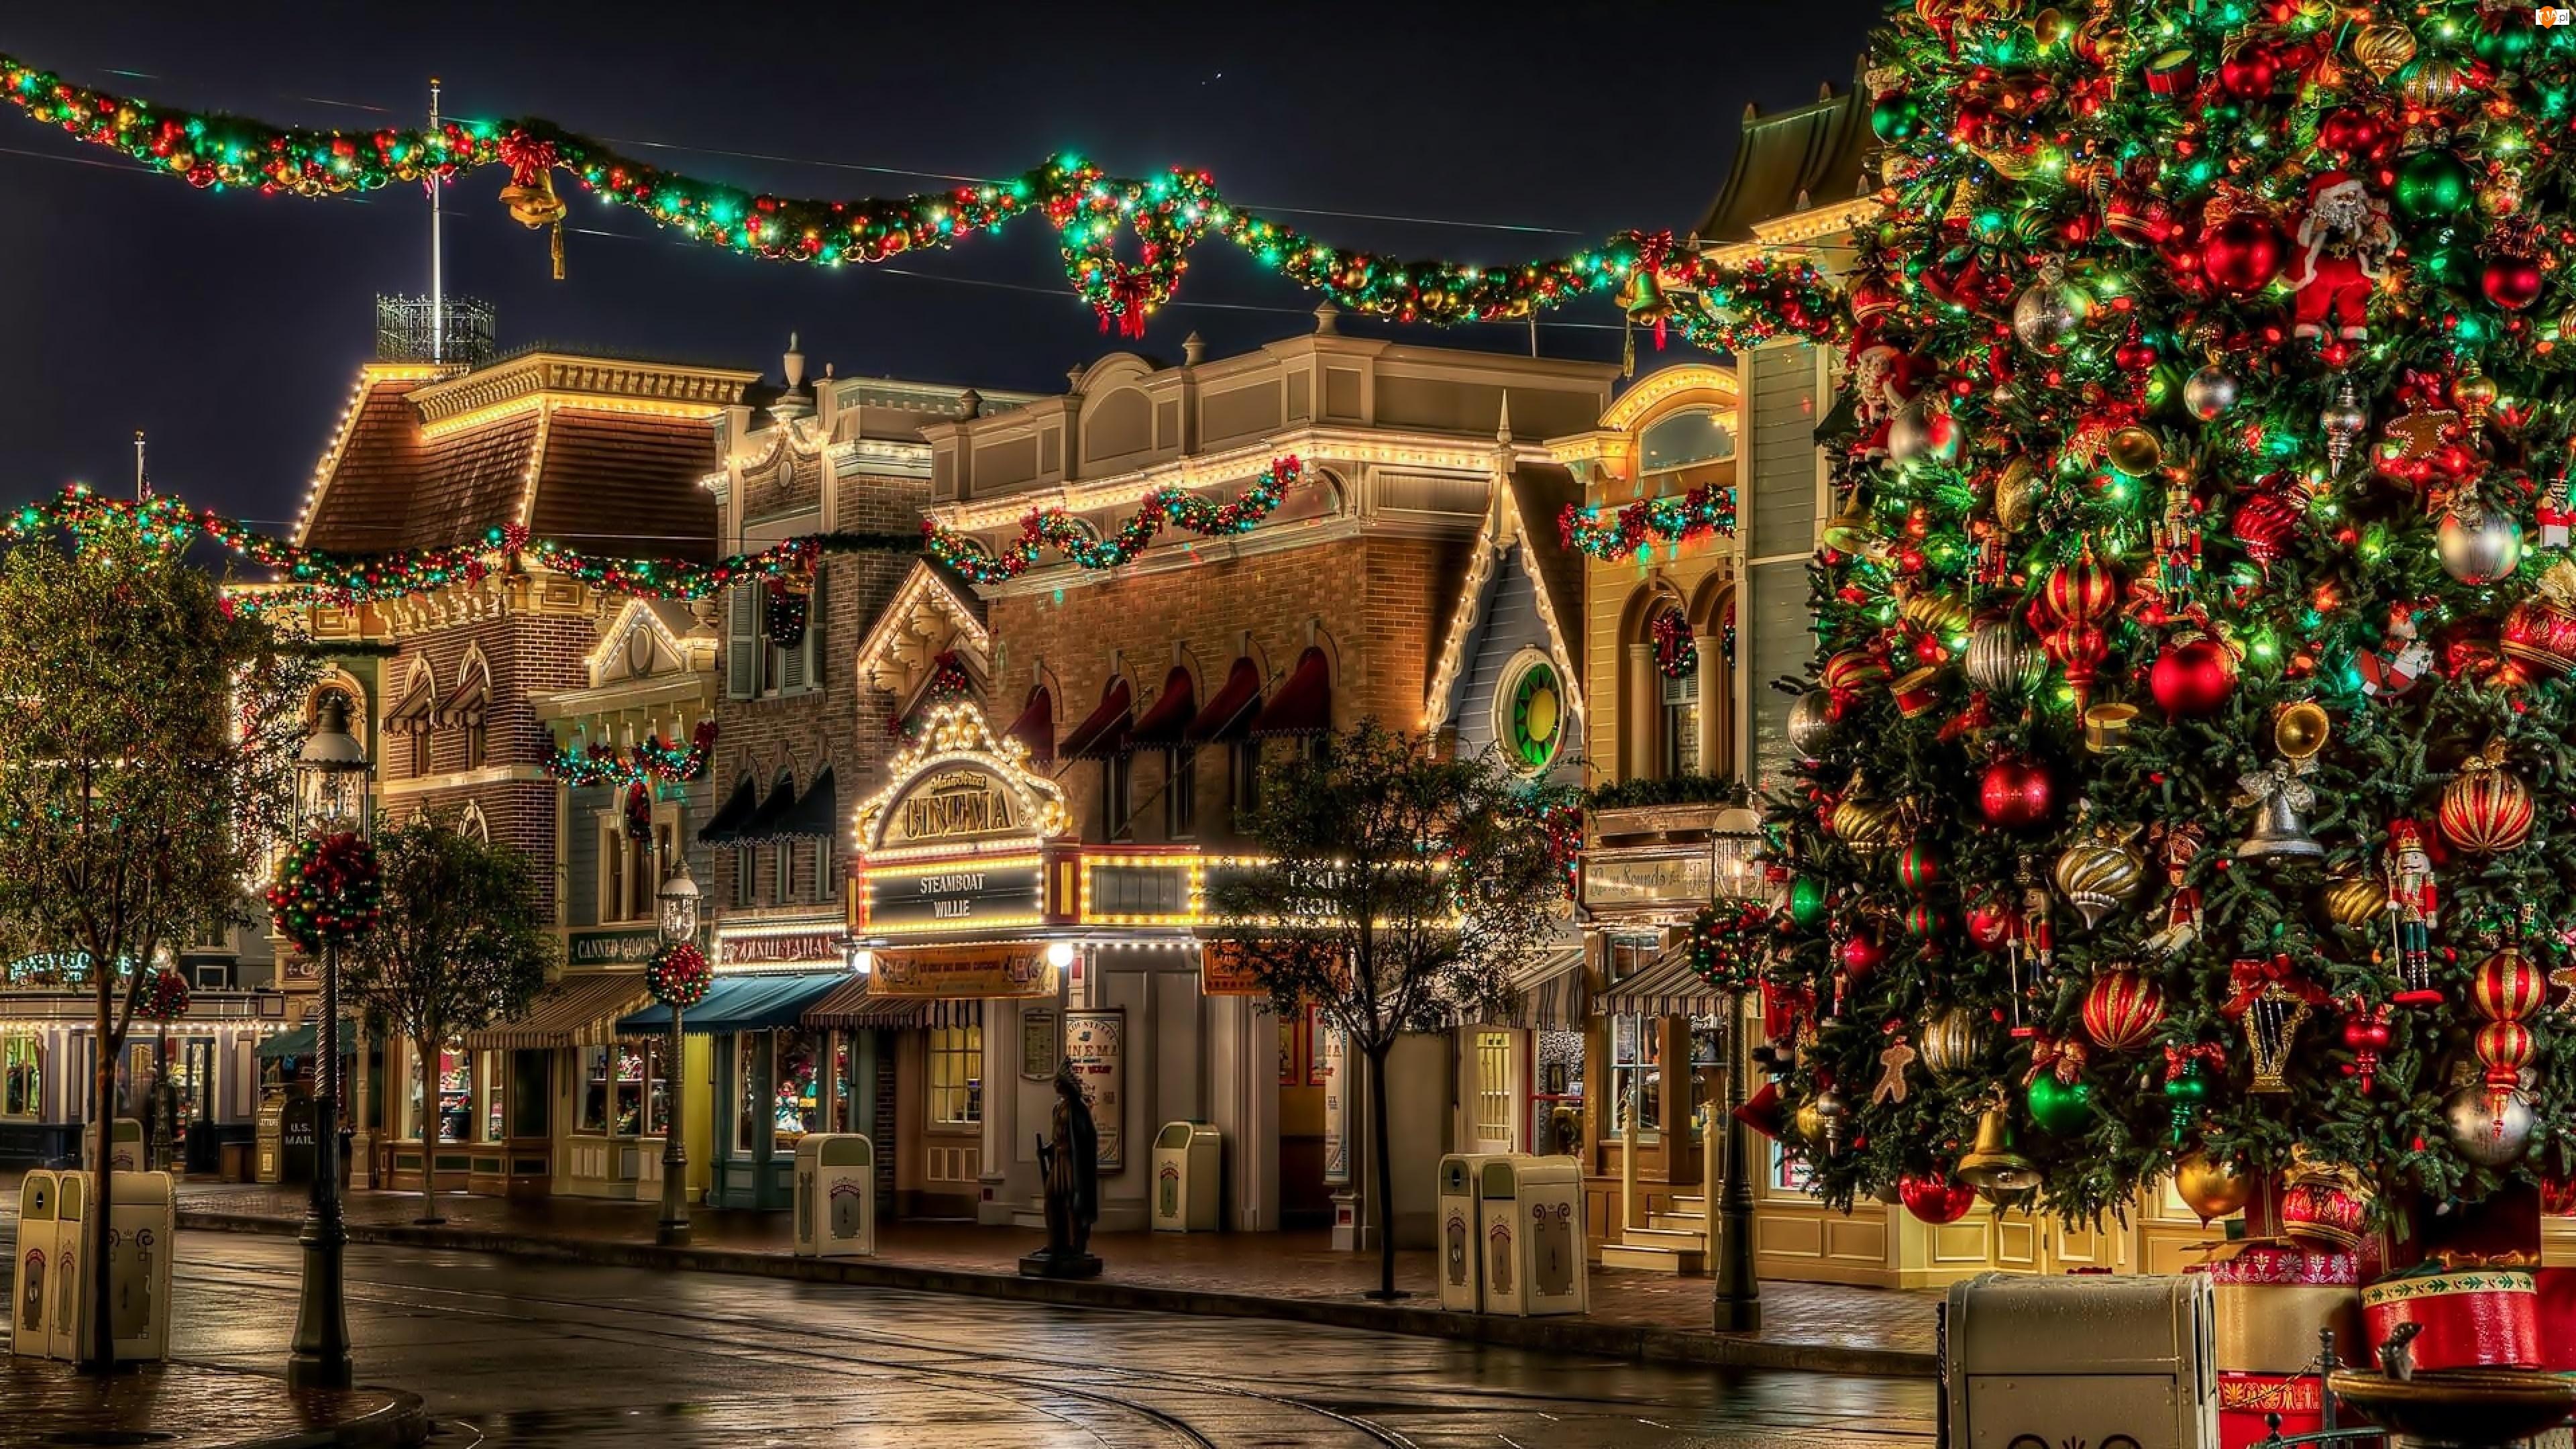 Domy, Dekoracje, Ulica, Świąteczne